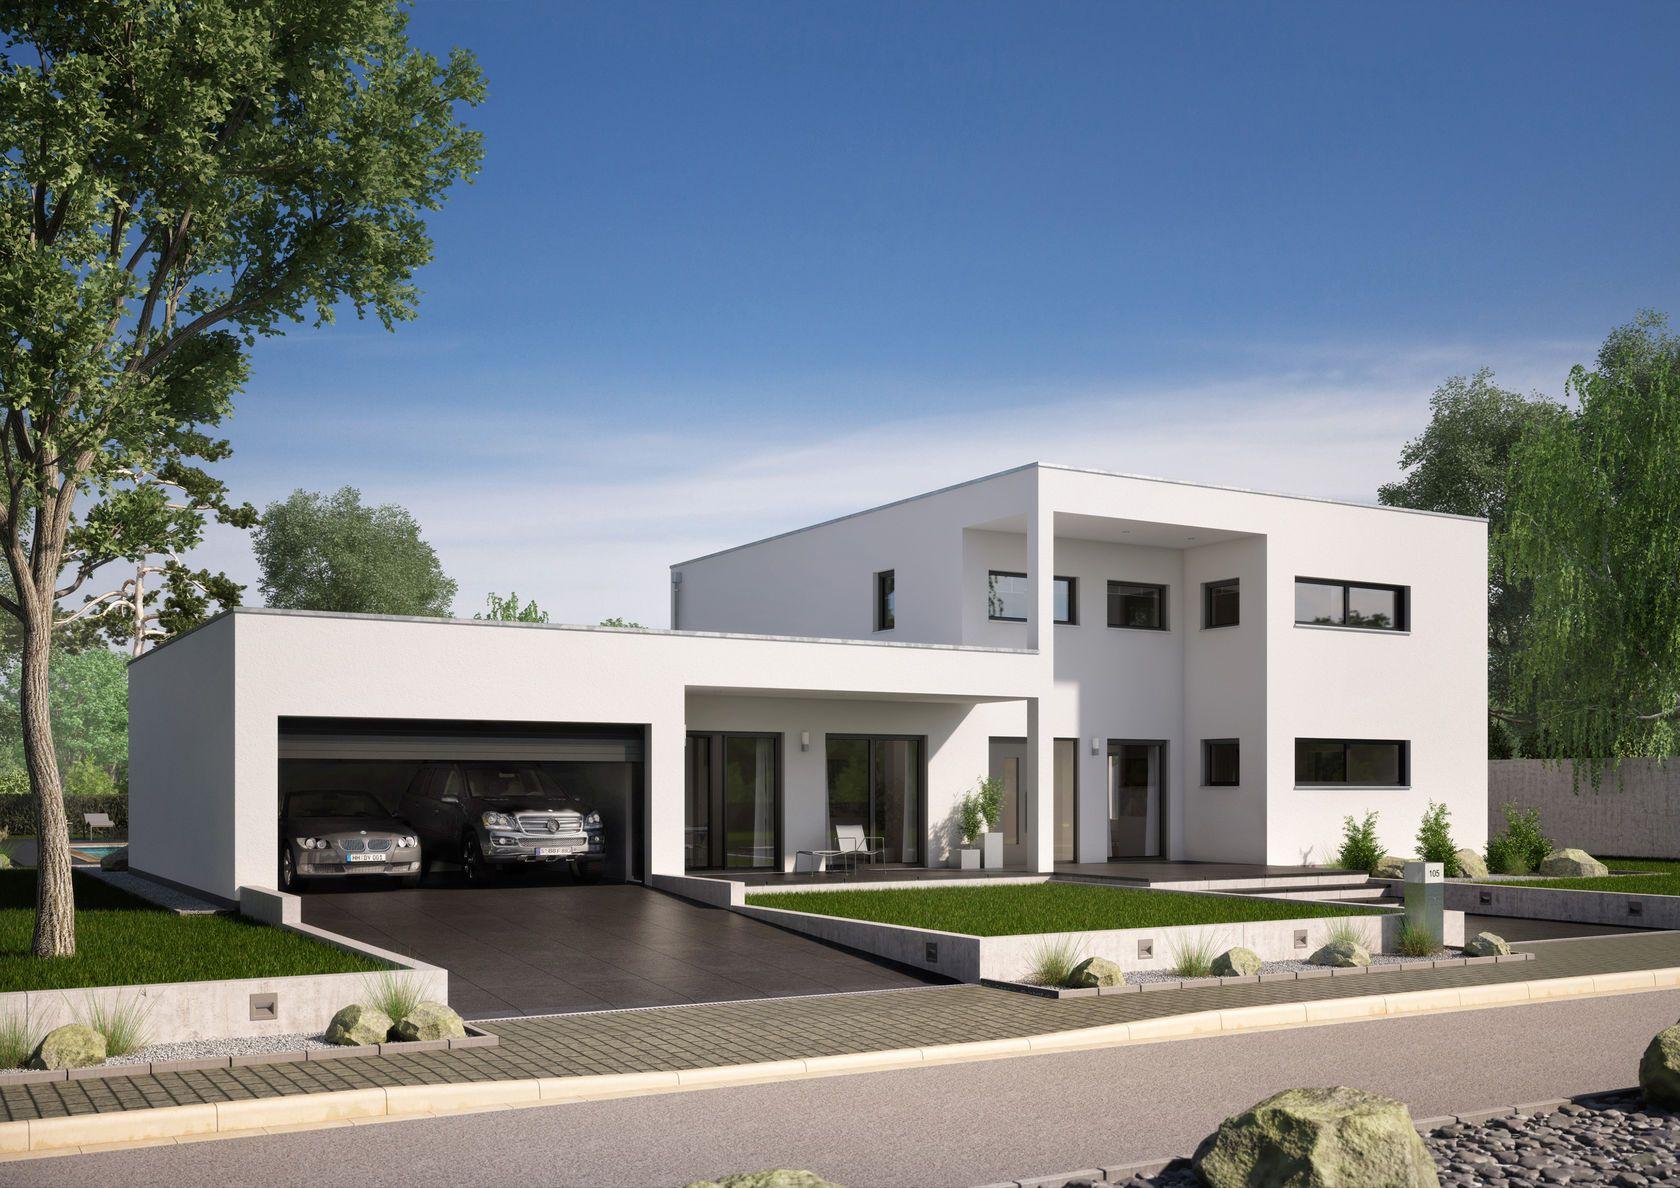 Häuser | Hausbau, Haus ideen und Doppelgarage